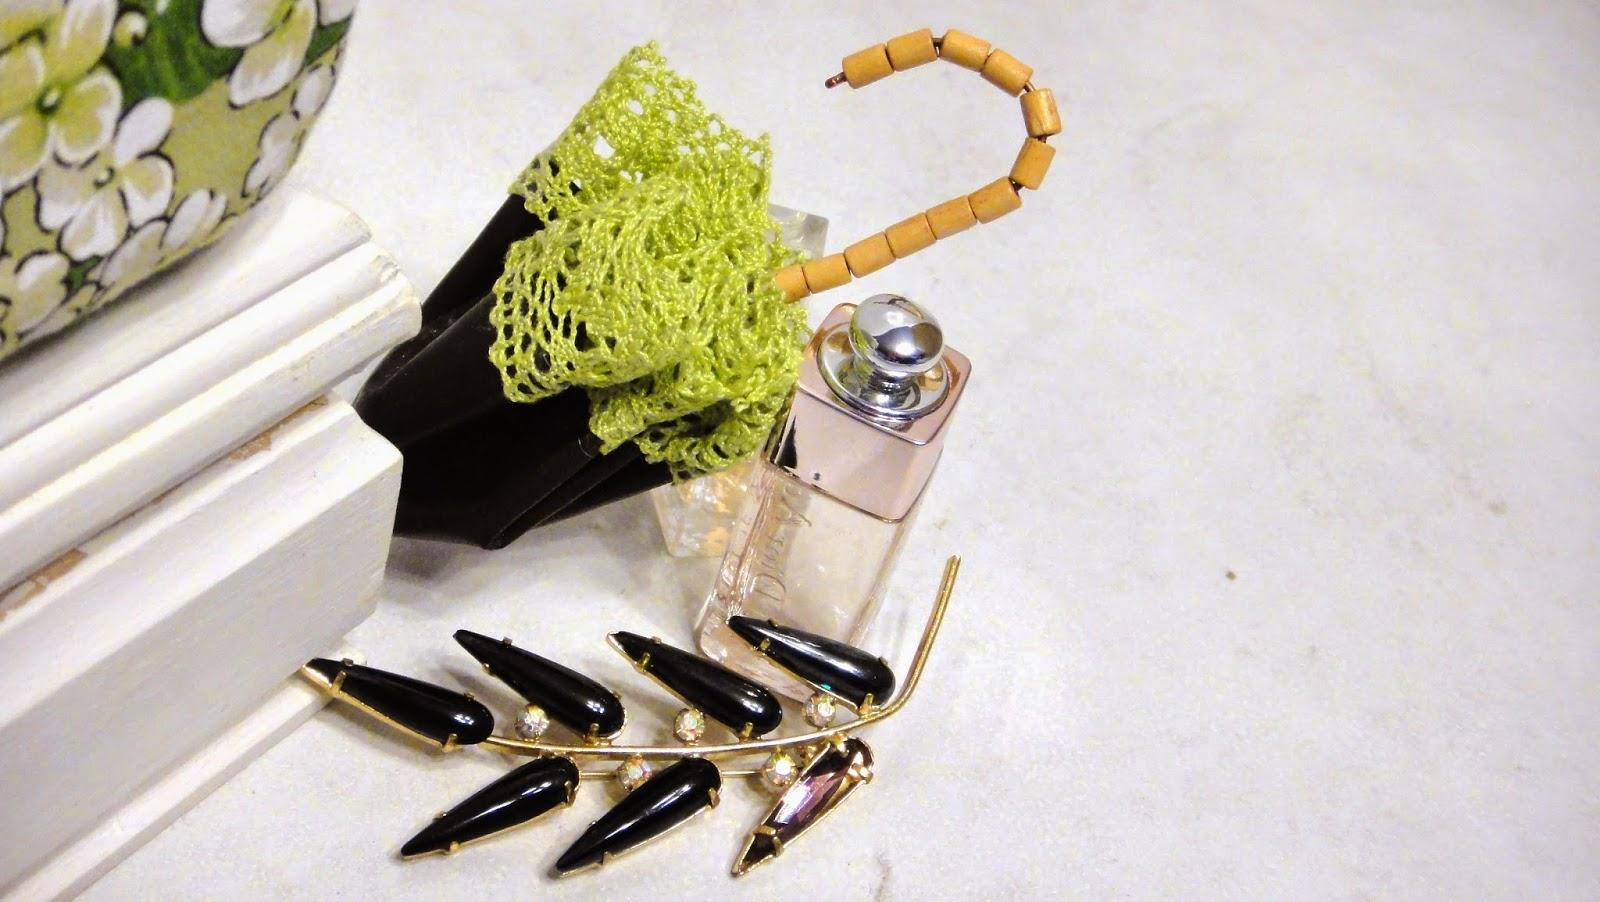 Брошь зонтик из натуральной кожи и кружева - романтический подарок девушке